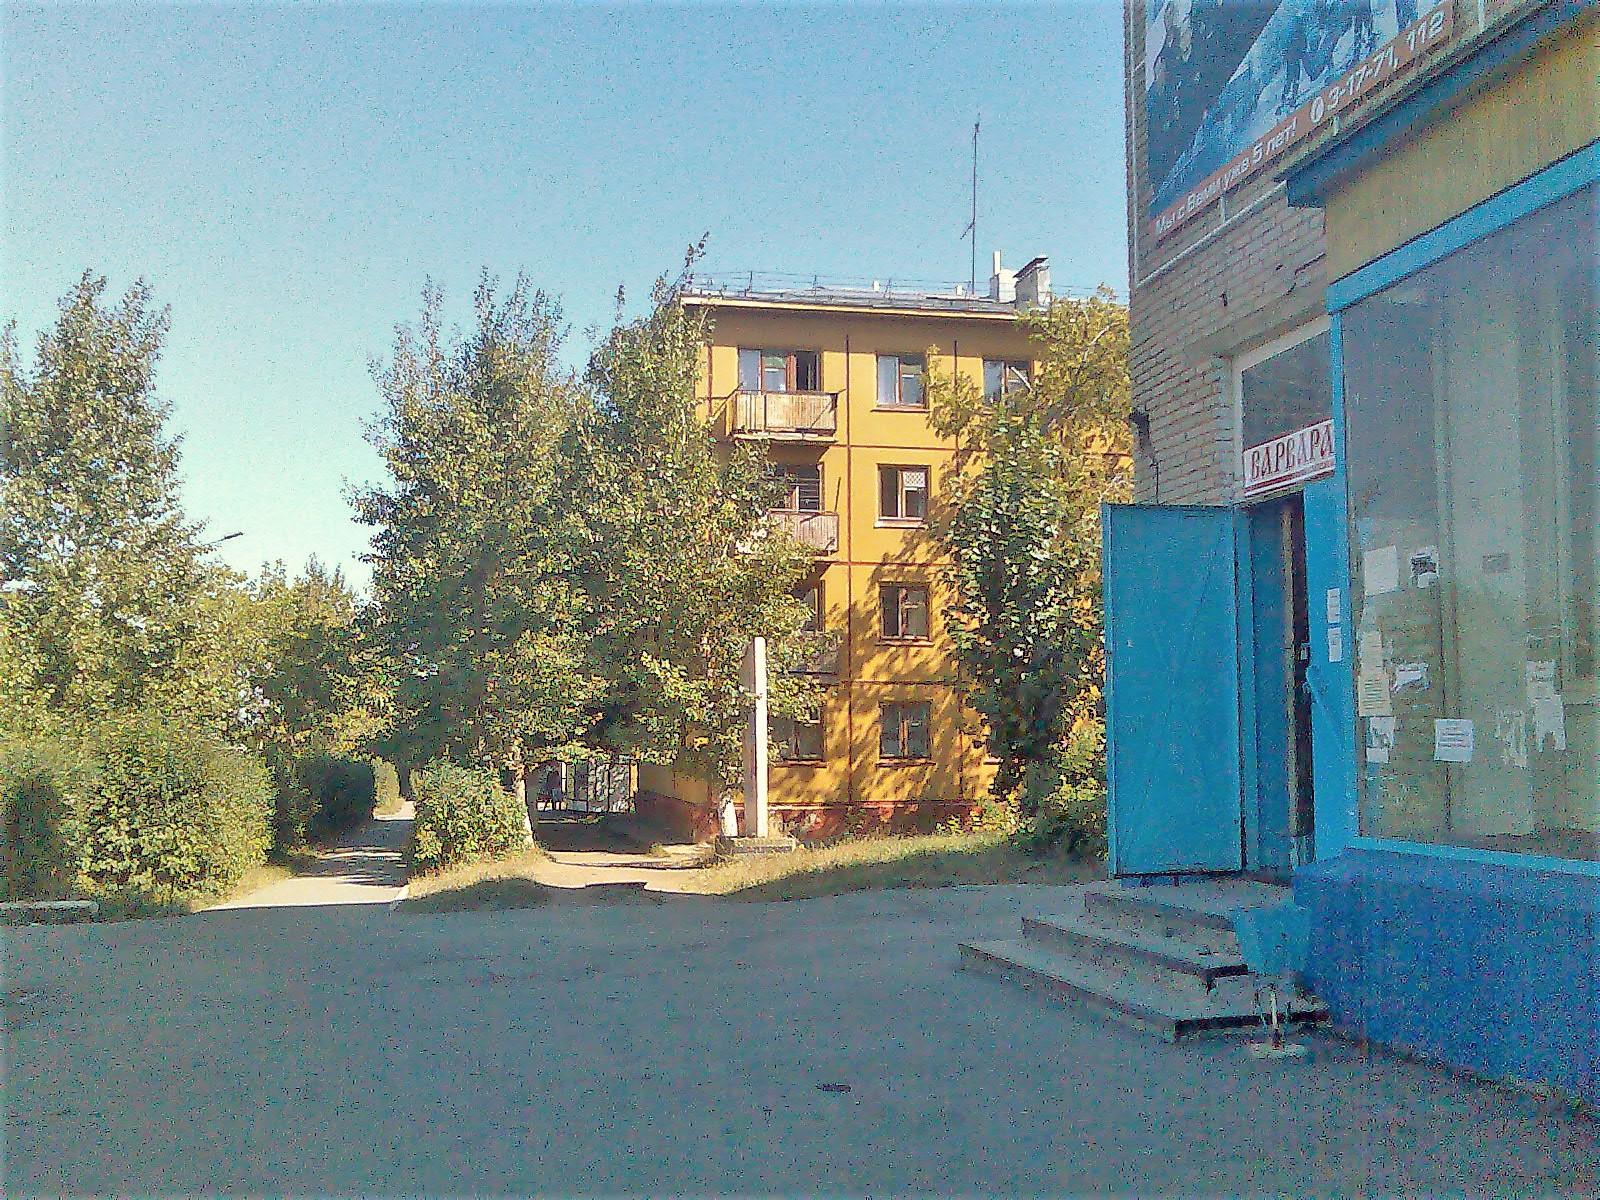 карта города карталы челябинской области с номерами домов